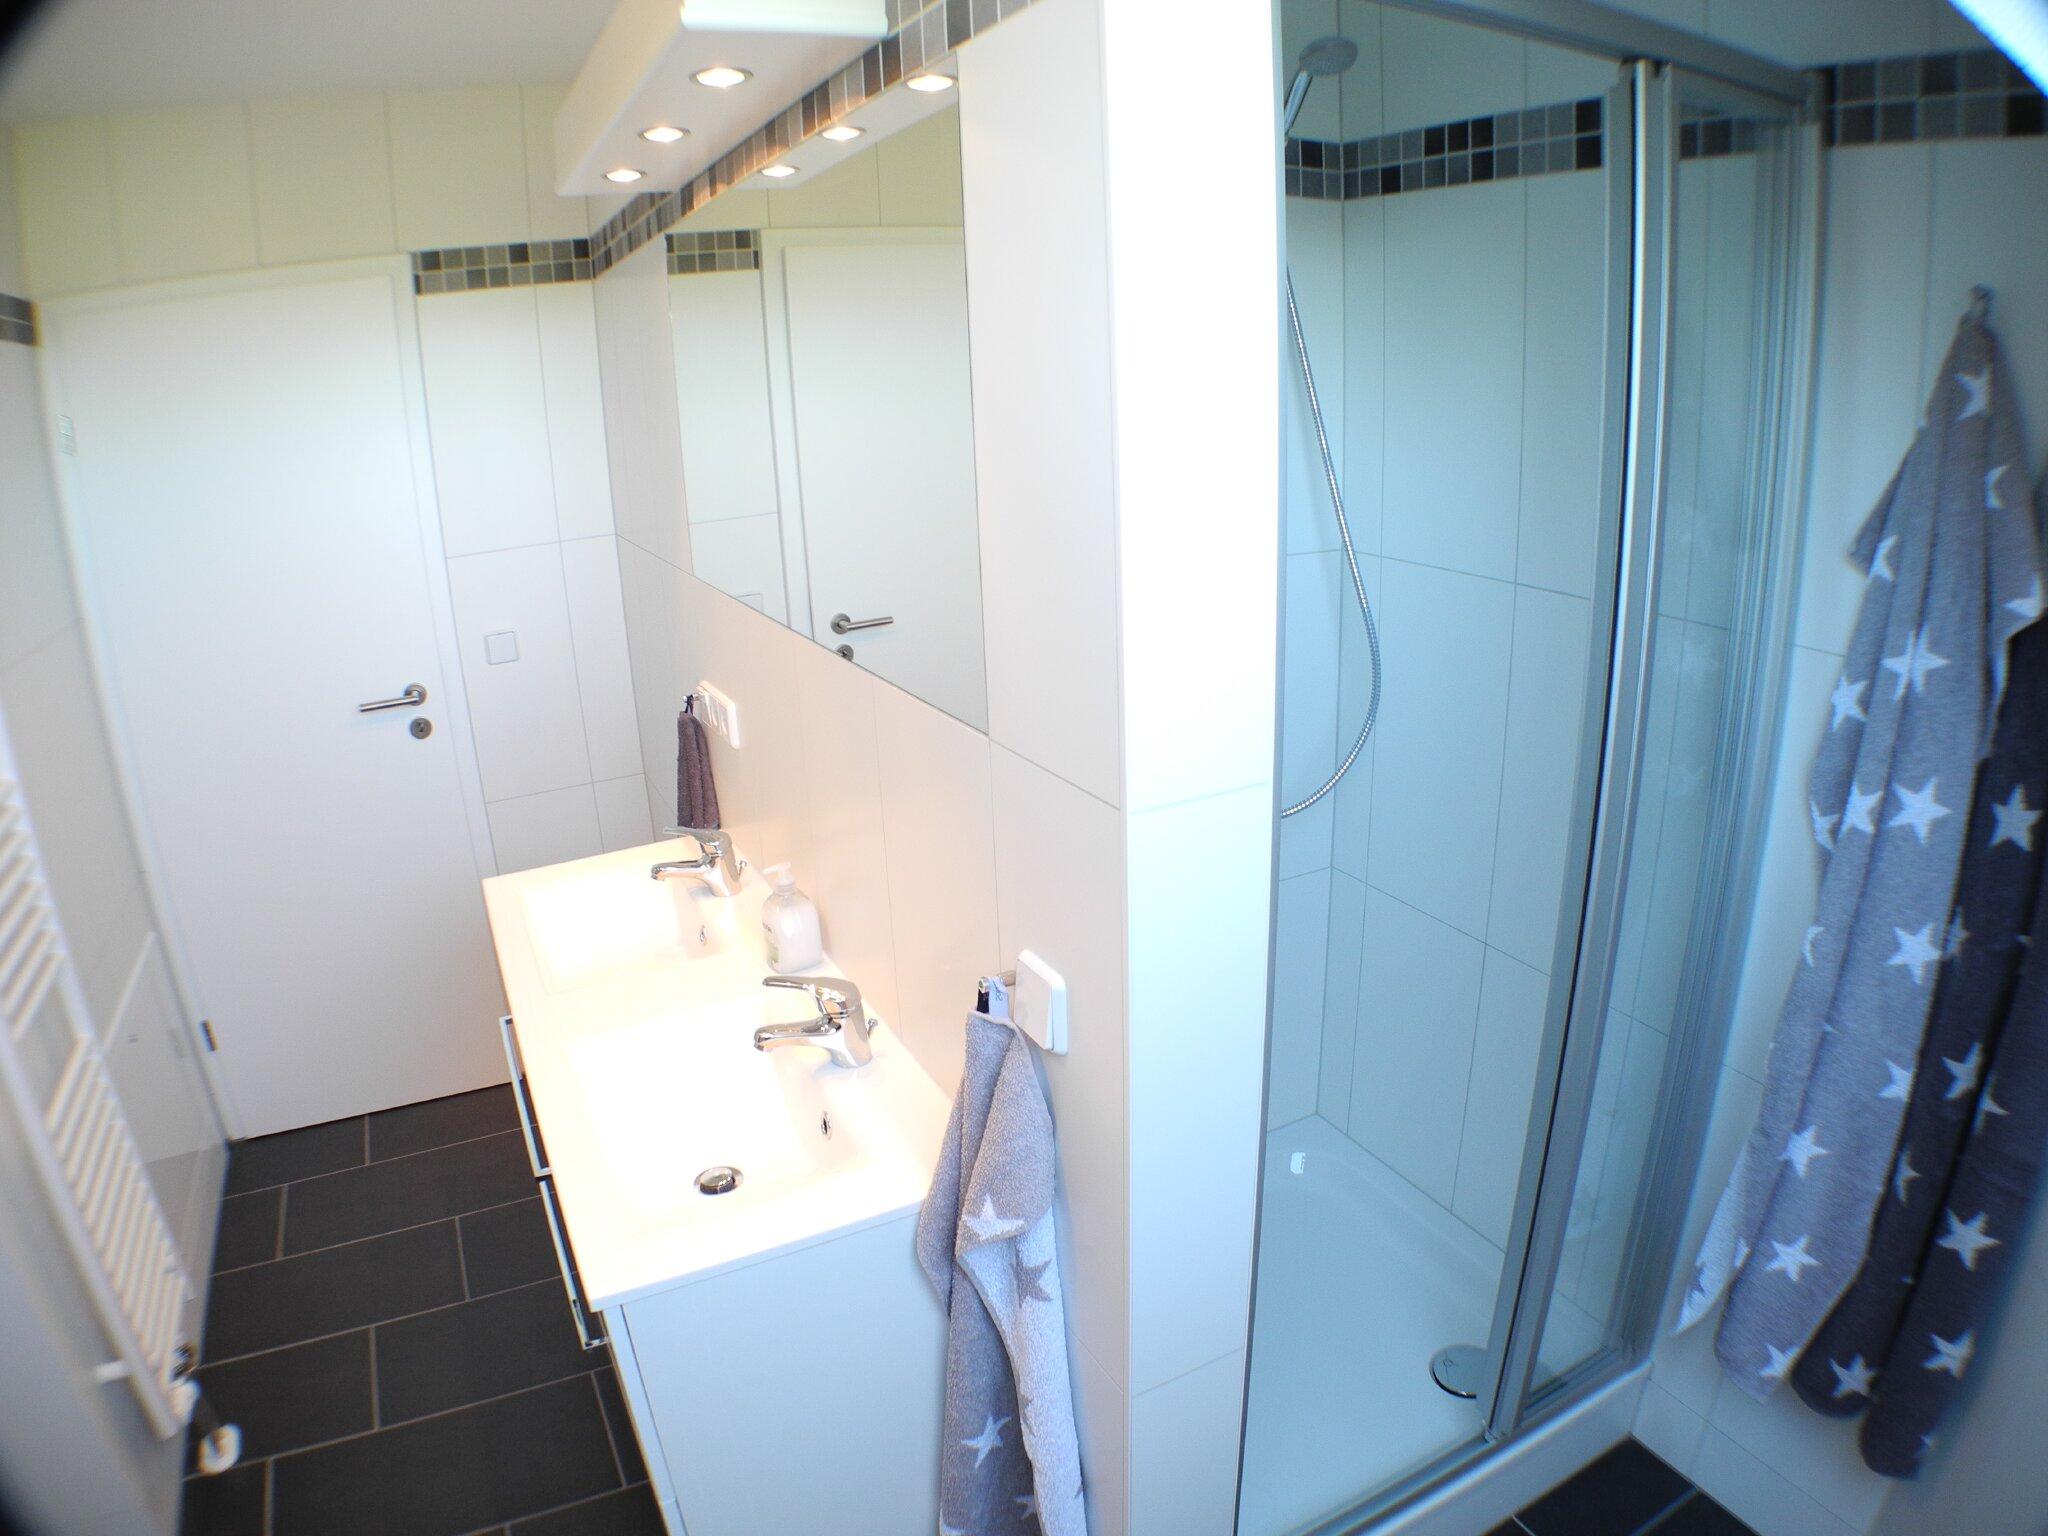 ...Doppelwaschbecken & Dusche...